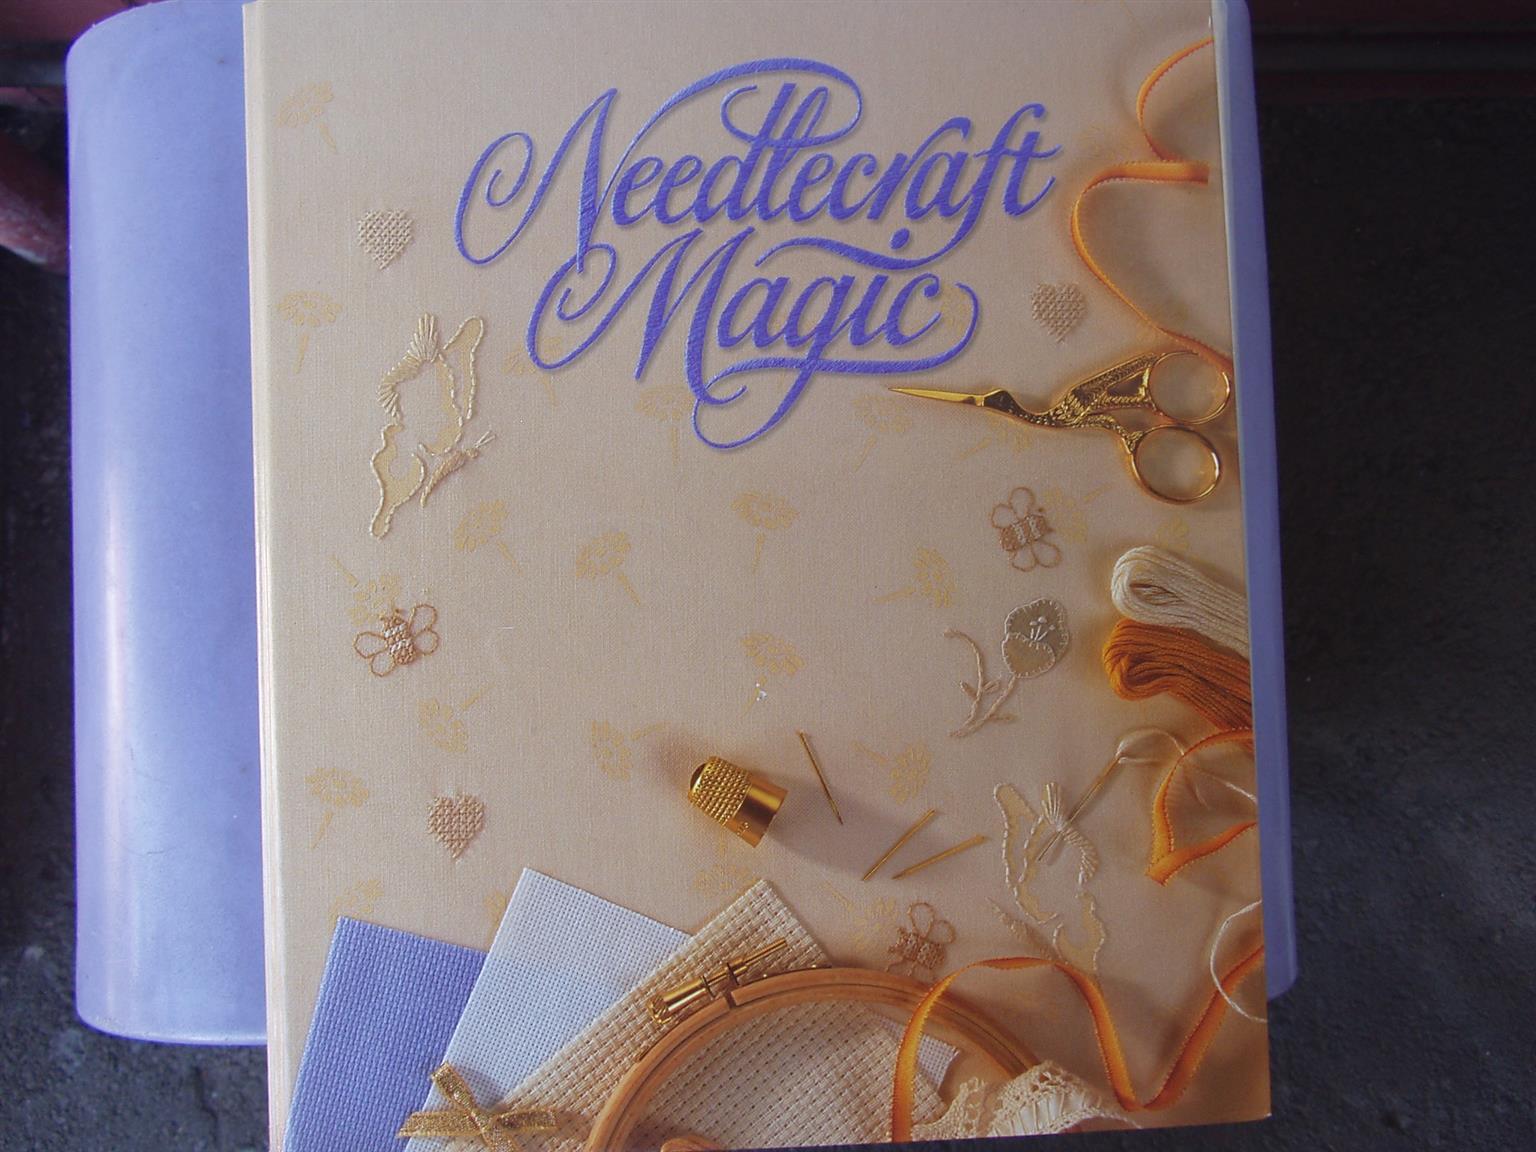 Needlecraft magazines & Patterns